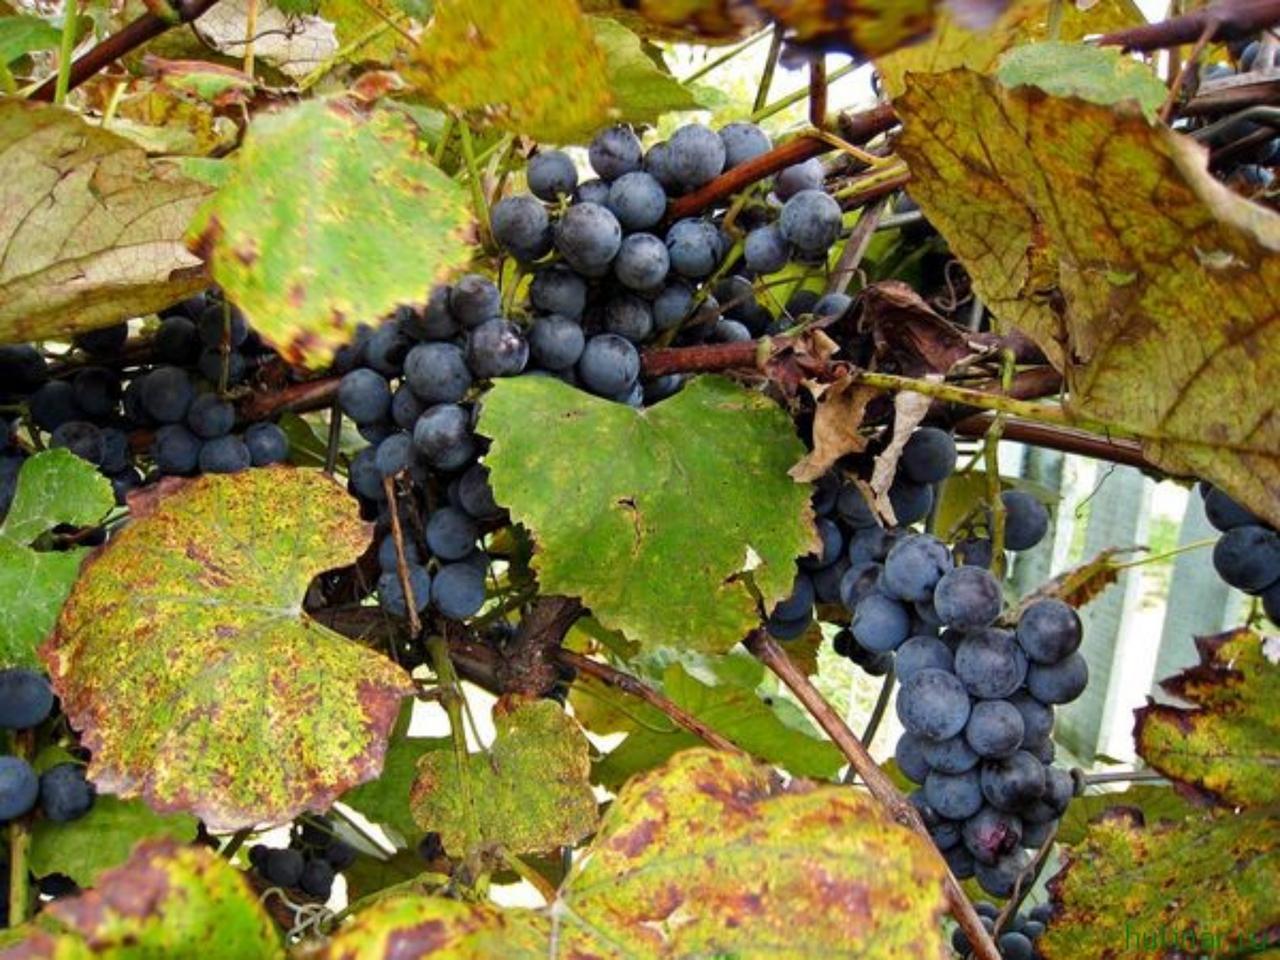 Рецепт вина из винограда изабелла в домашних условиях пошагово